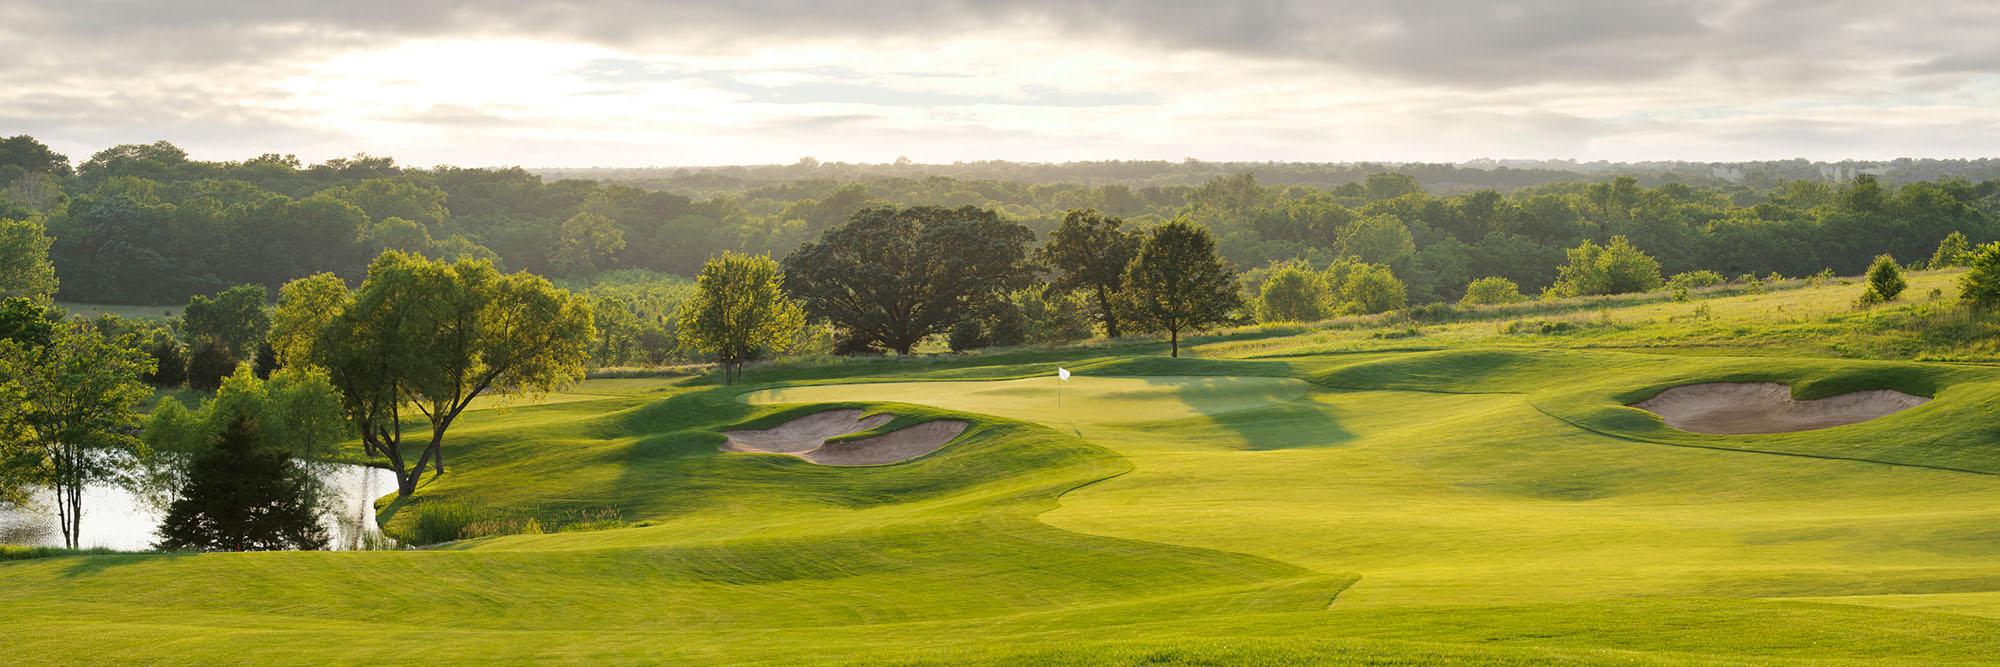 Golf Course Image - Loch Lloyd No. 9